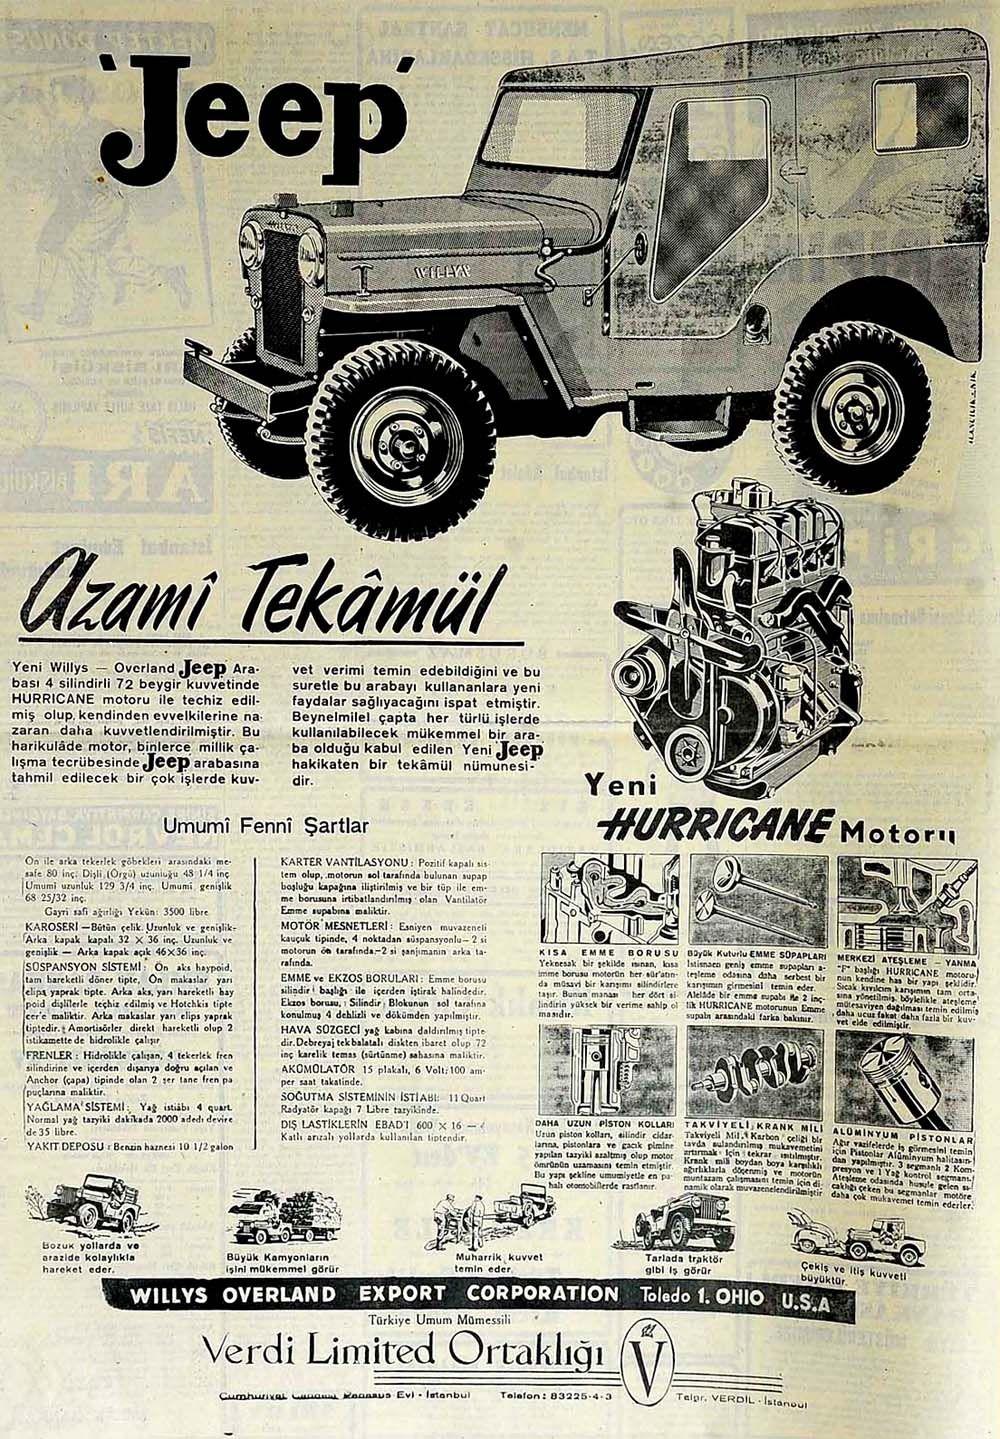 Haber Jeep Azami Tekamul Jeep Klasik Reklamlar Klasik Arabalar